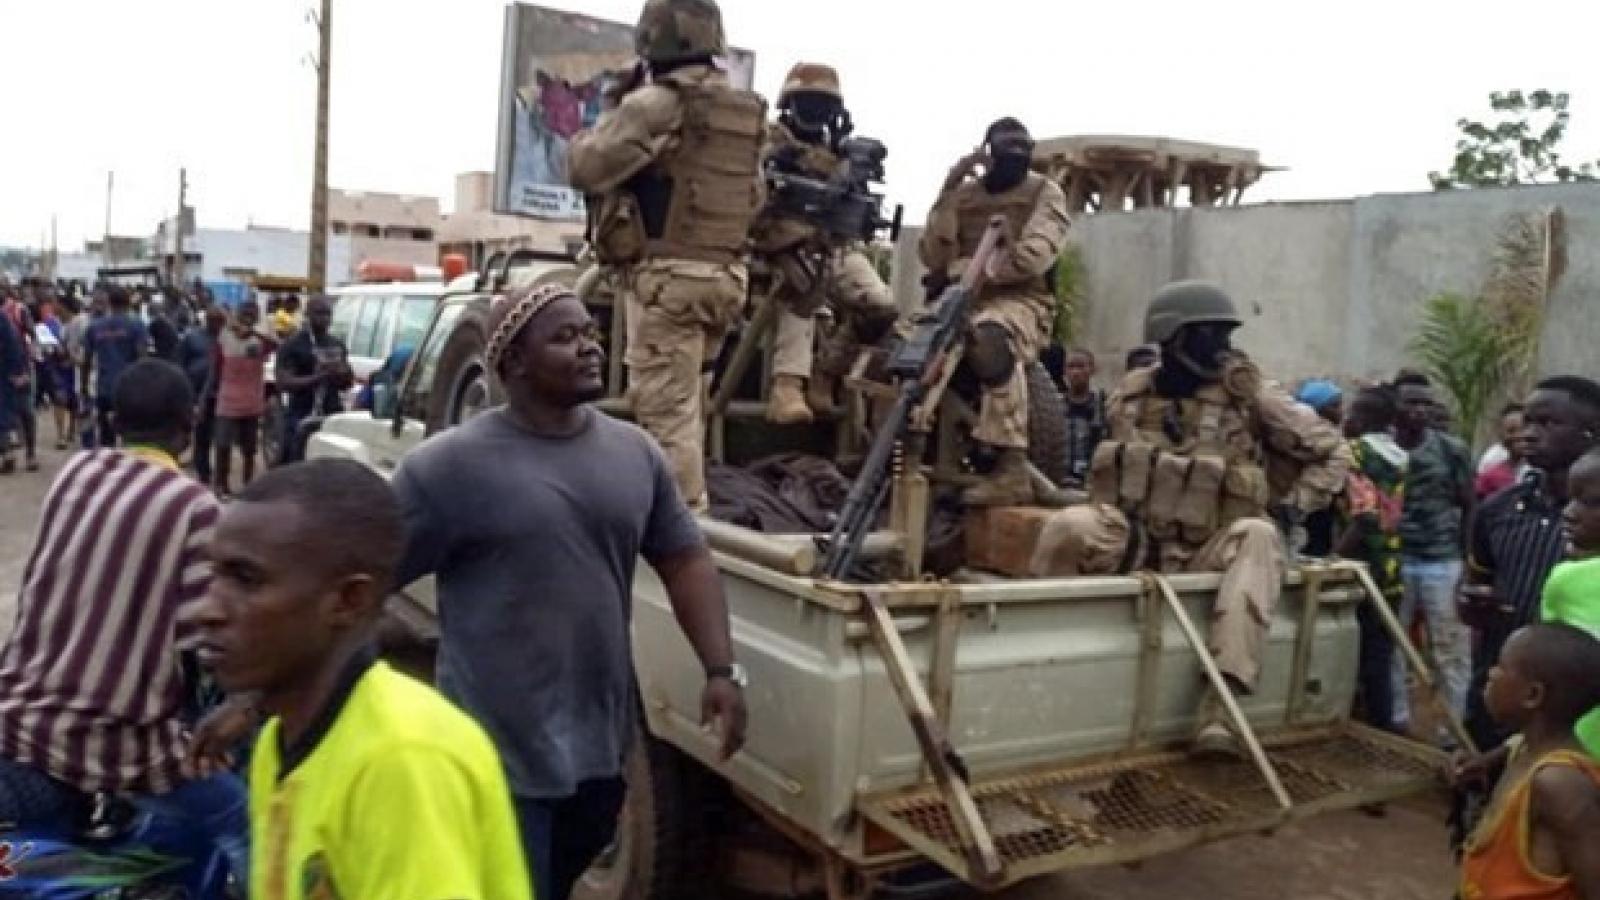 Hội đồng Bảo an Liên Hợp Quốc lên án cuộc nổi loạn ở Mali